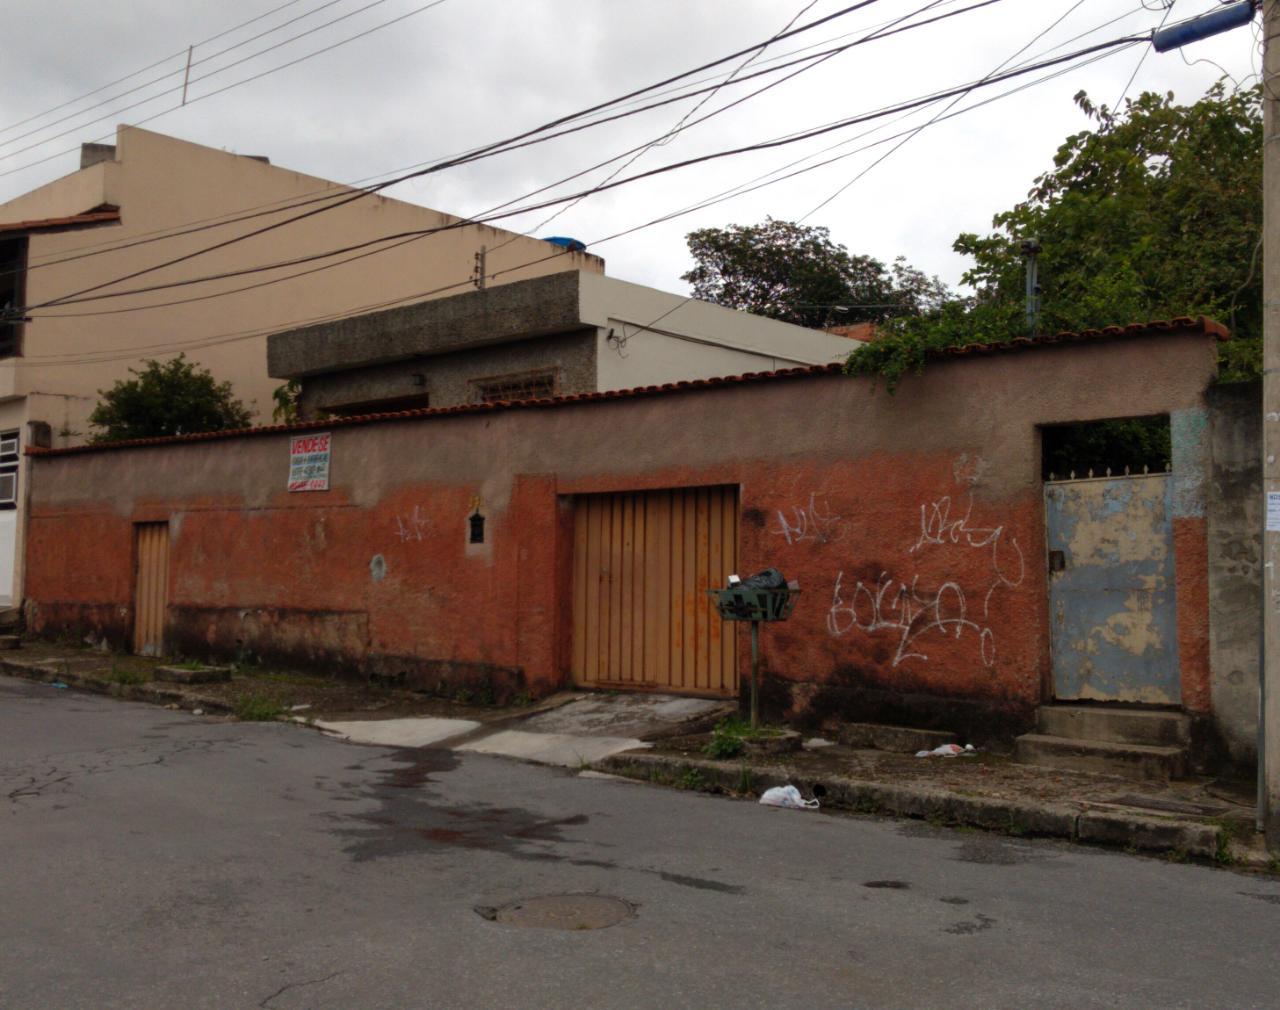 CASA – Excelente localização, próximo aos principais comércios do Bairro Amazonas e a poucos metros da Rua Tiradentes